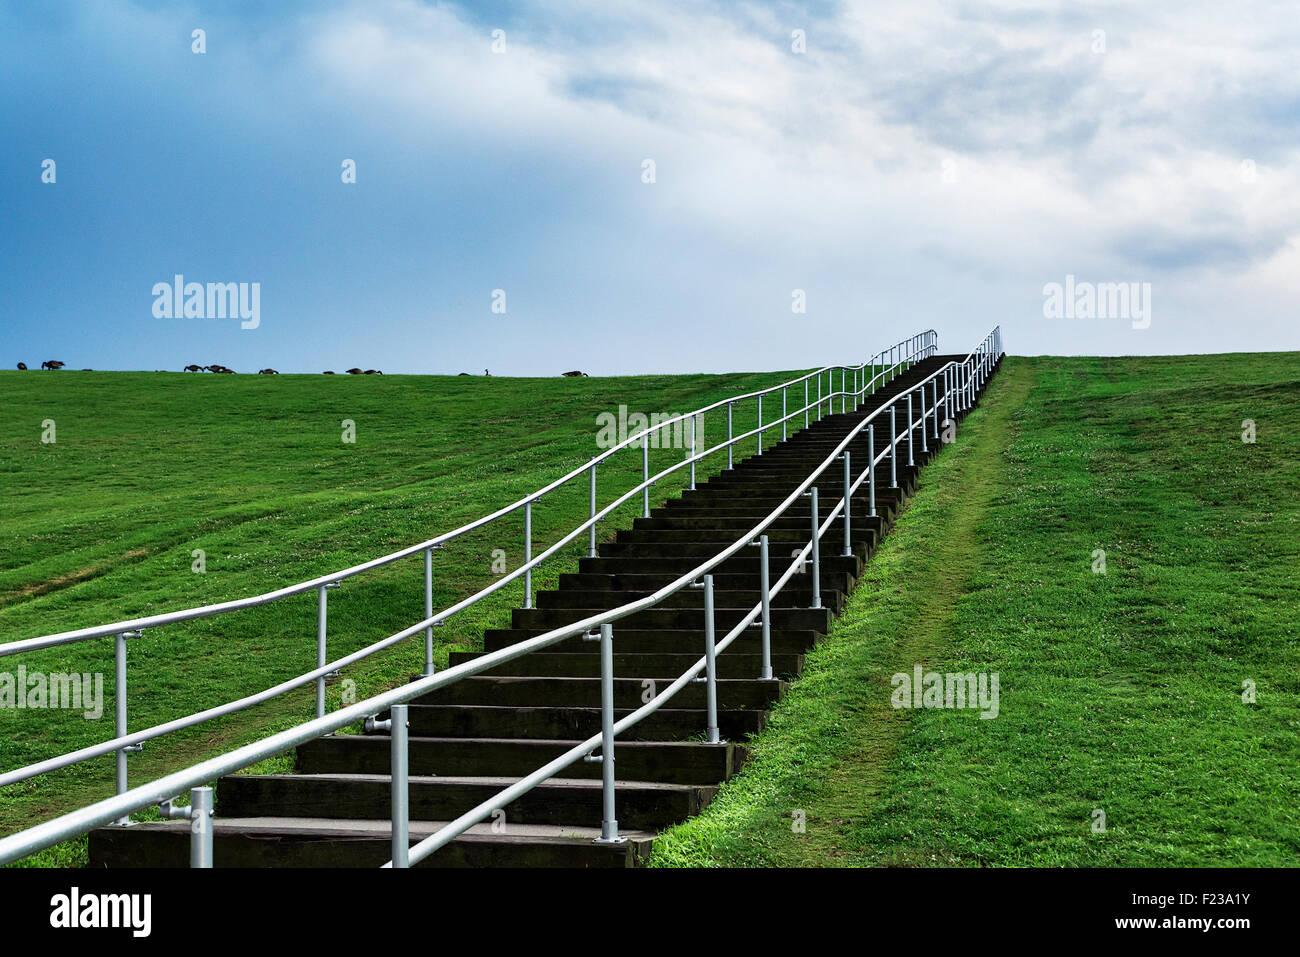 Mount Trashmore Park, un parco cittadino basato sul riutilizzo discarica, Virginia Beach, Virginia, Stati Uniti Immagini Stock